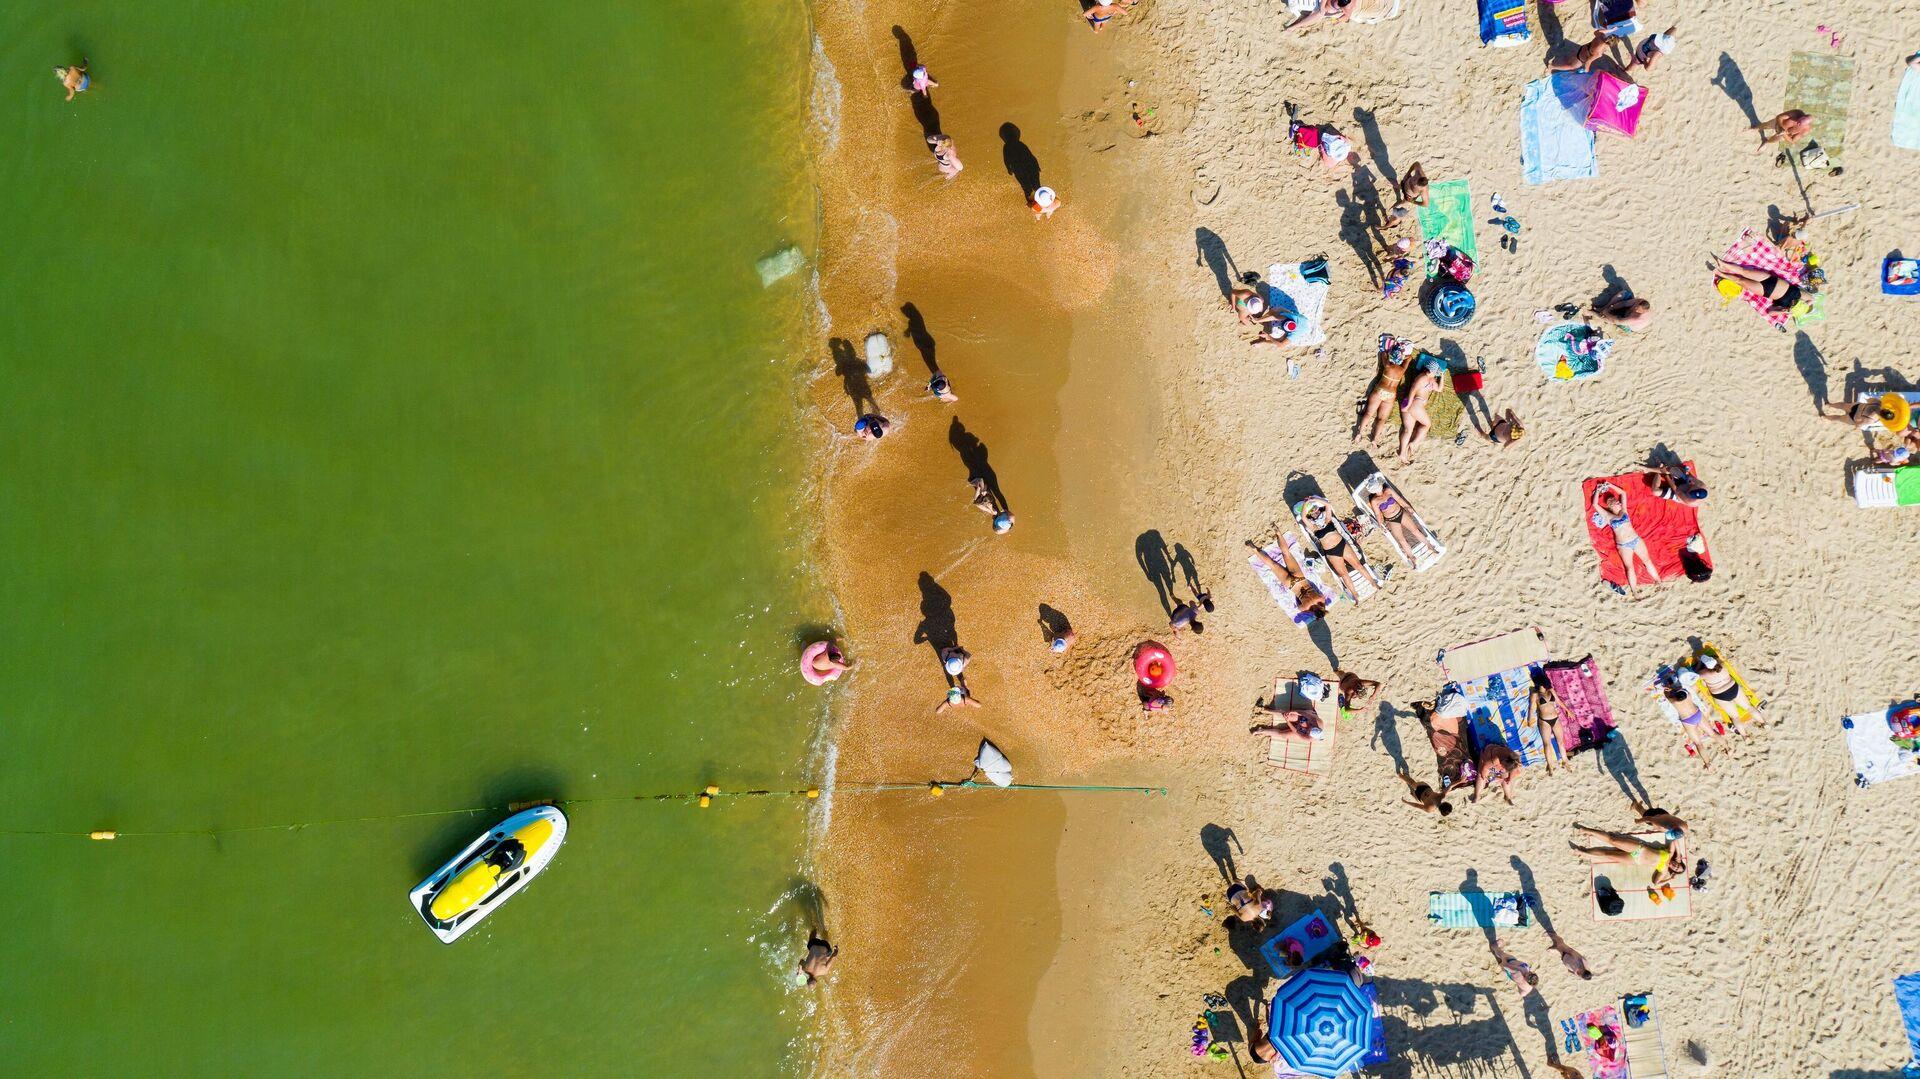 Отдыхающие на одном из пляжей в Анапе - РИА Новости, 1920, 04.08.2021